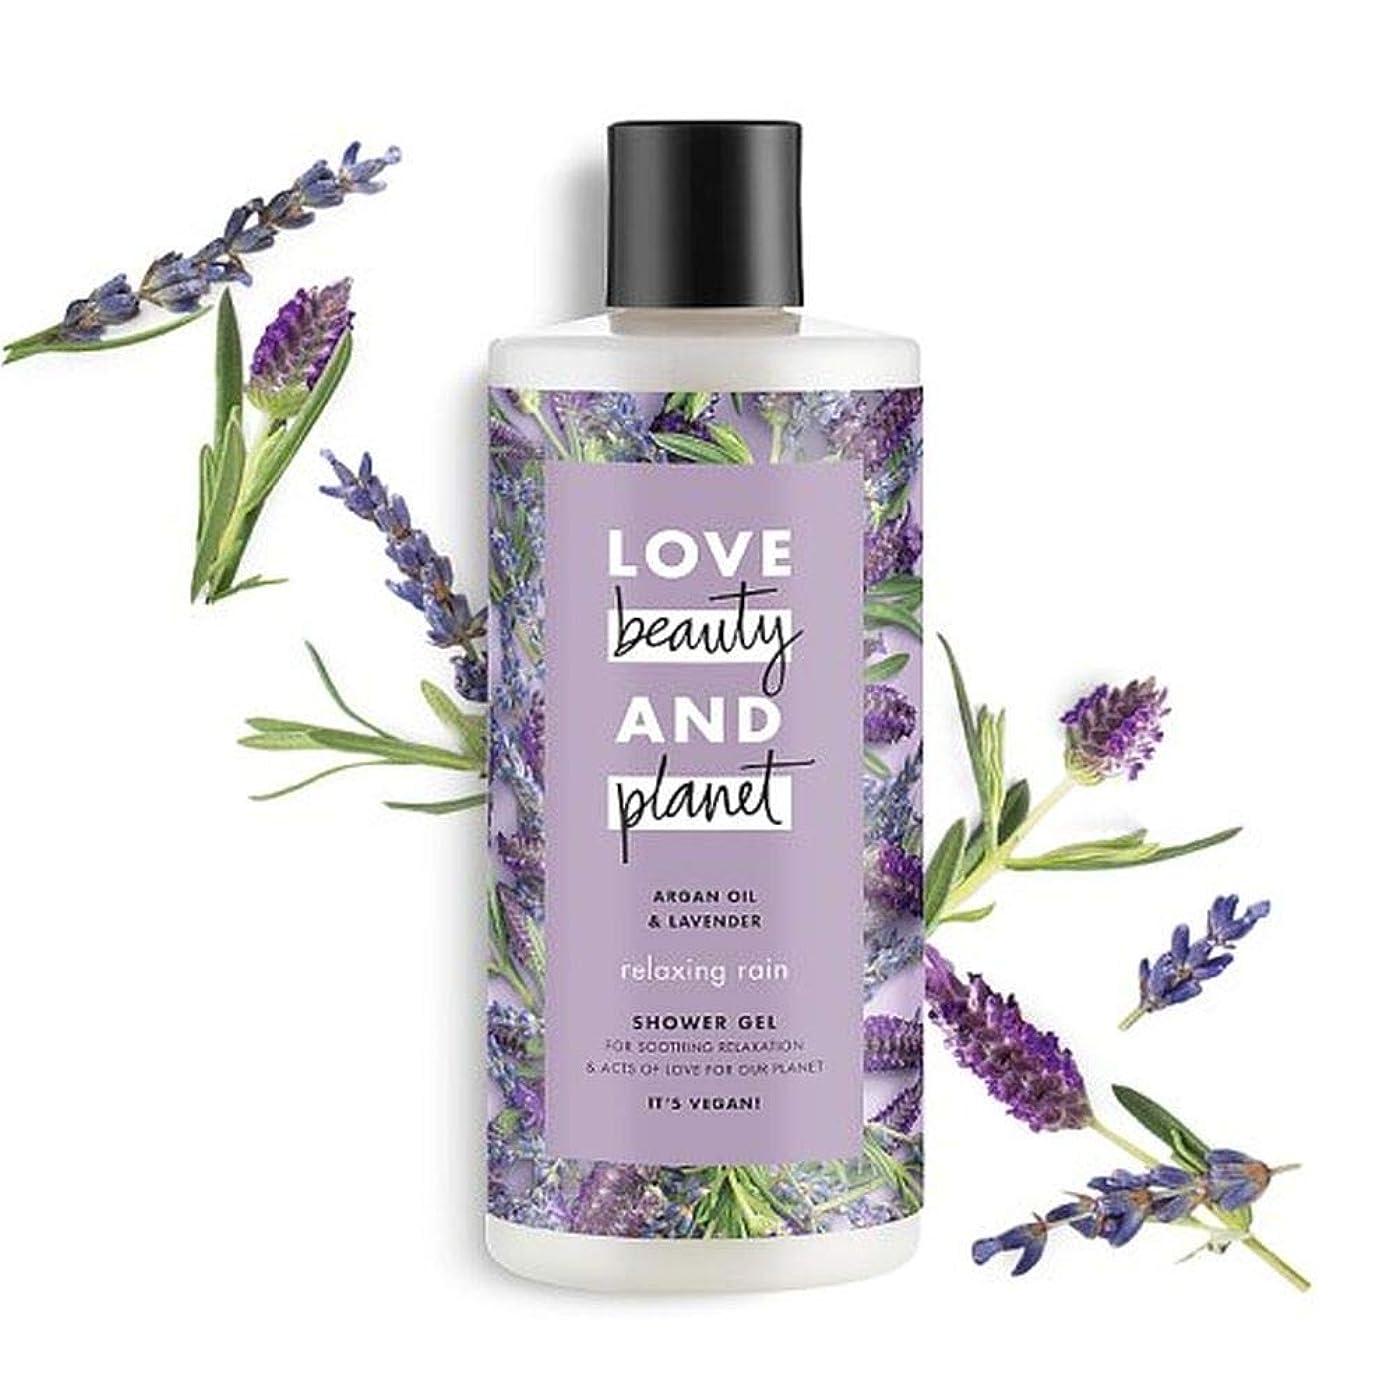 レンジクマノミ同一の[Dove ] 美しさと惑星紫のラベンダーシャワージェル500ミリリットルを愛します - Love Beauty And Planet Purple Lavender Shower Gel 500Ml [並行輸入品]